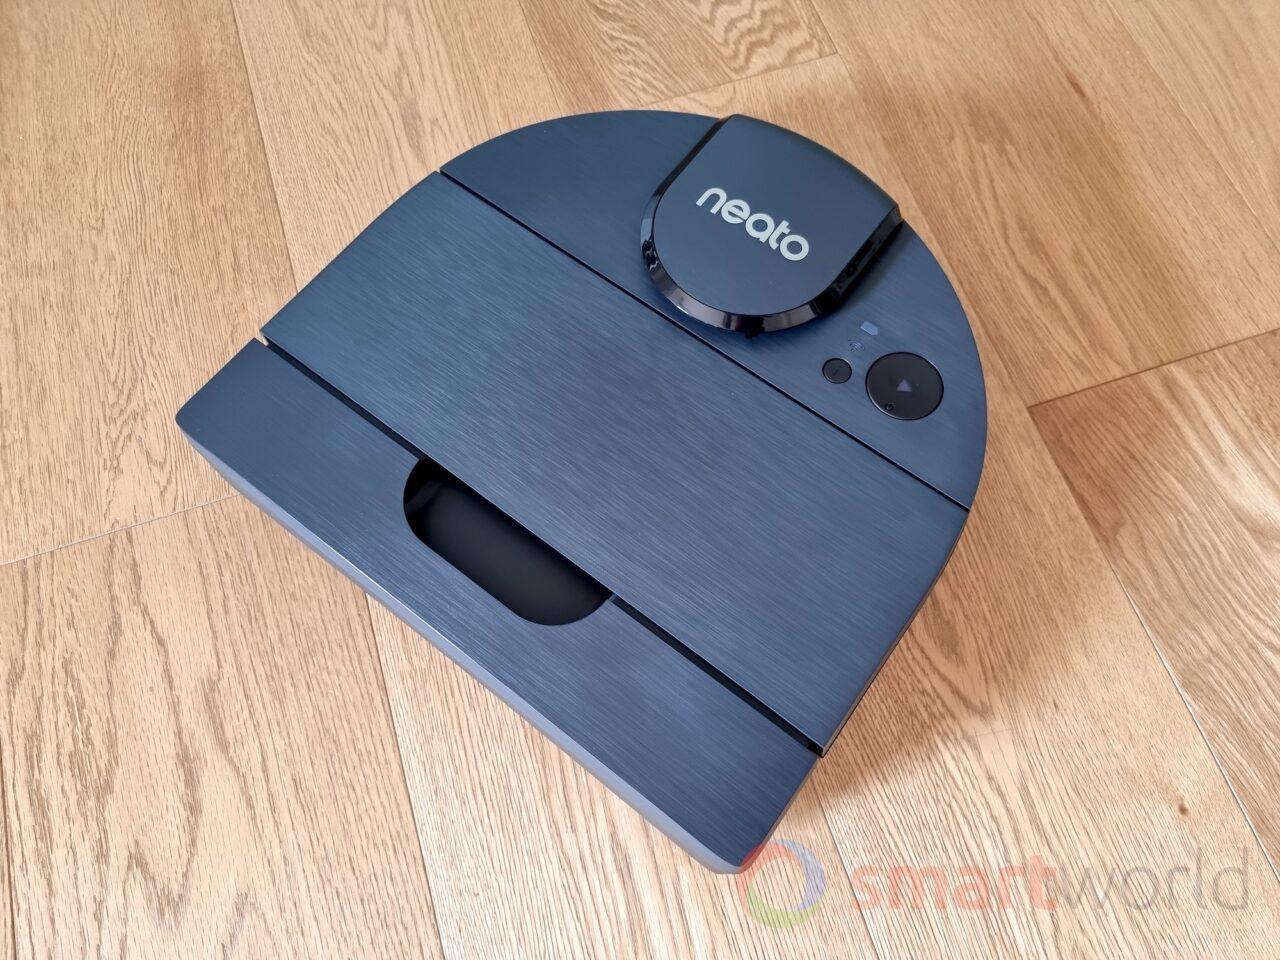 Come risparmiare 200€ sul robot Neato D8: offerta Amazon e promo Cashback